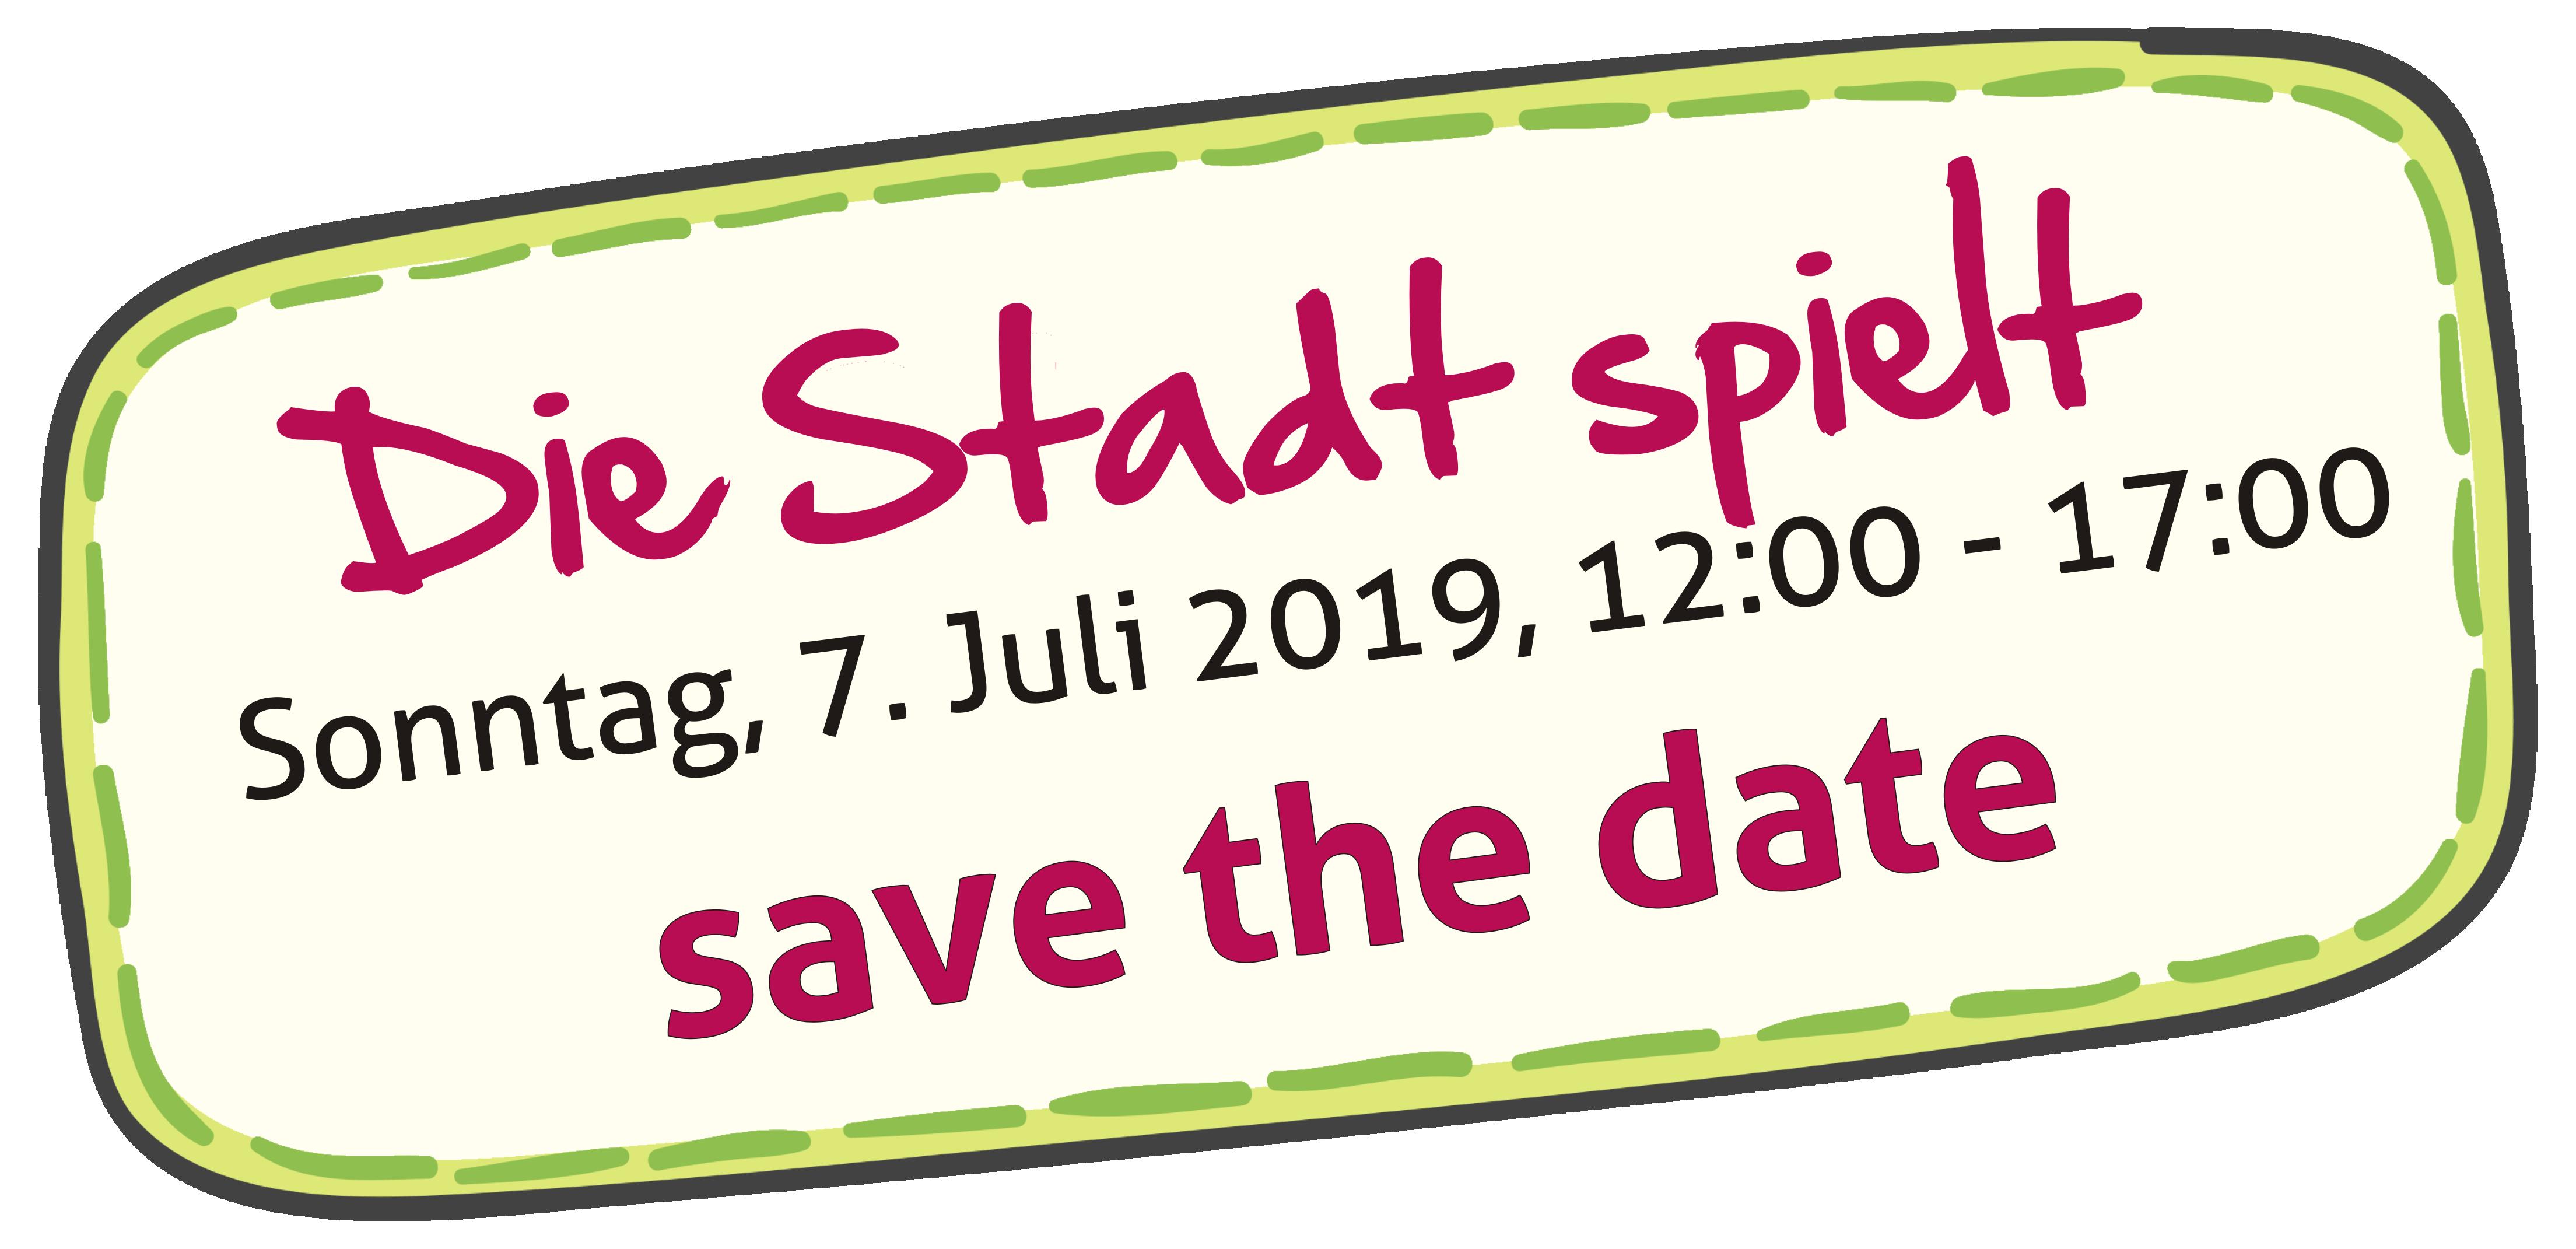 save the date: 7. Juli 2019: Die Stadt spielt